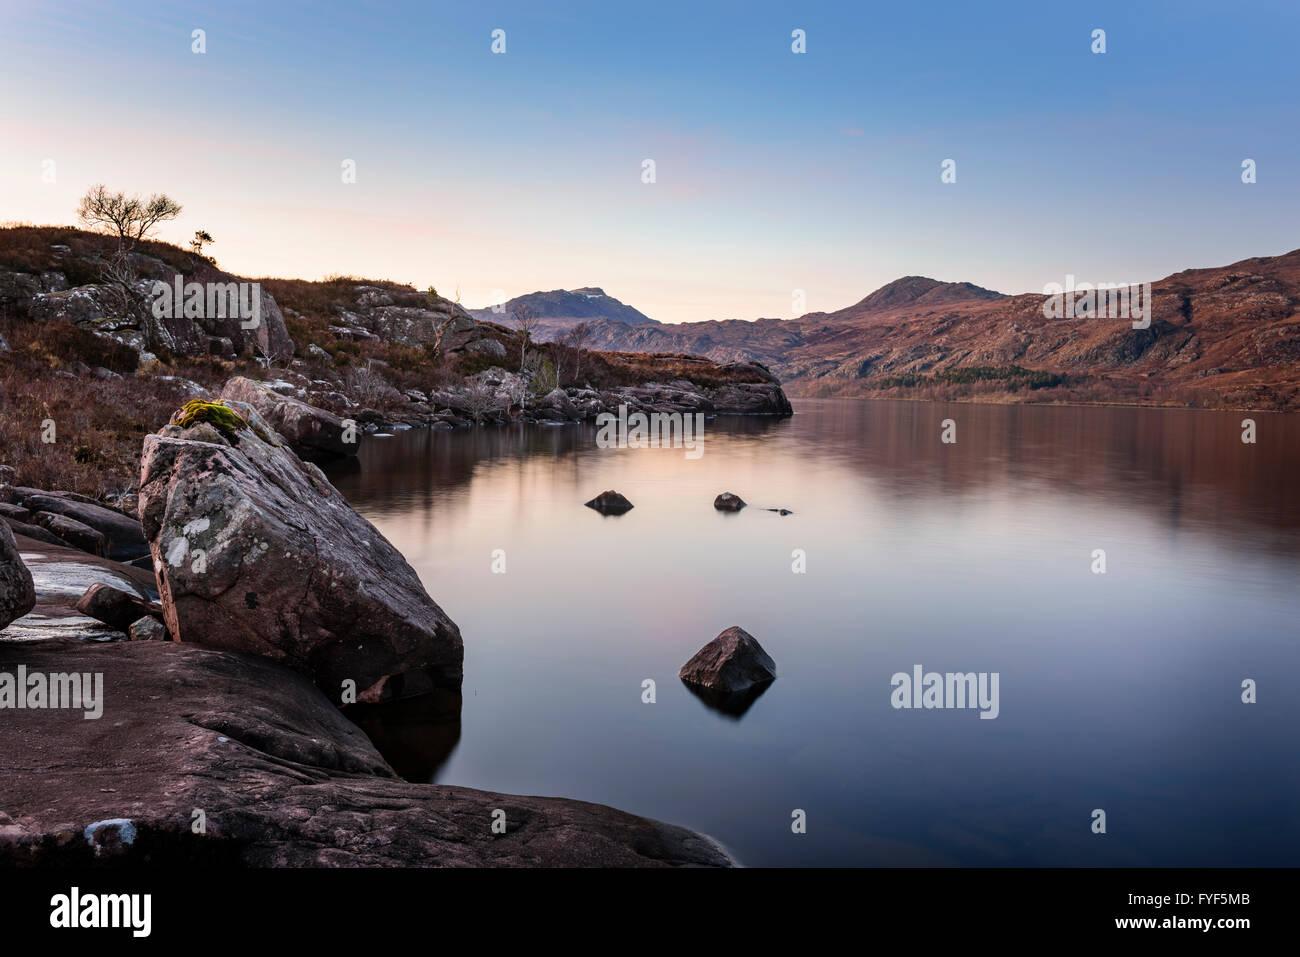 Loch Maree at dusk. - Stock Image